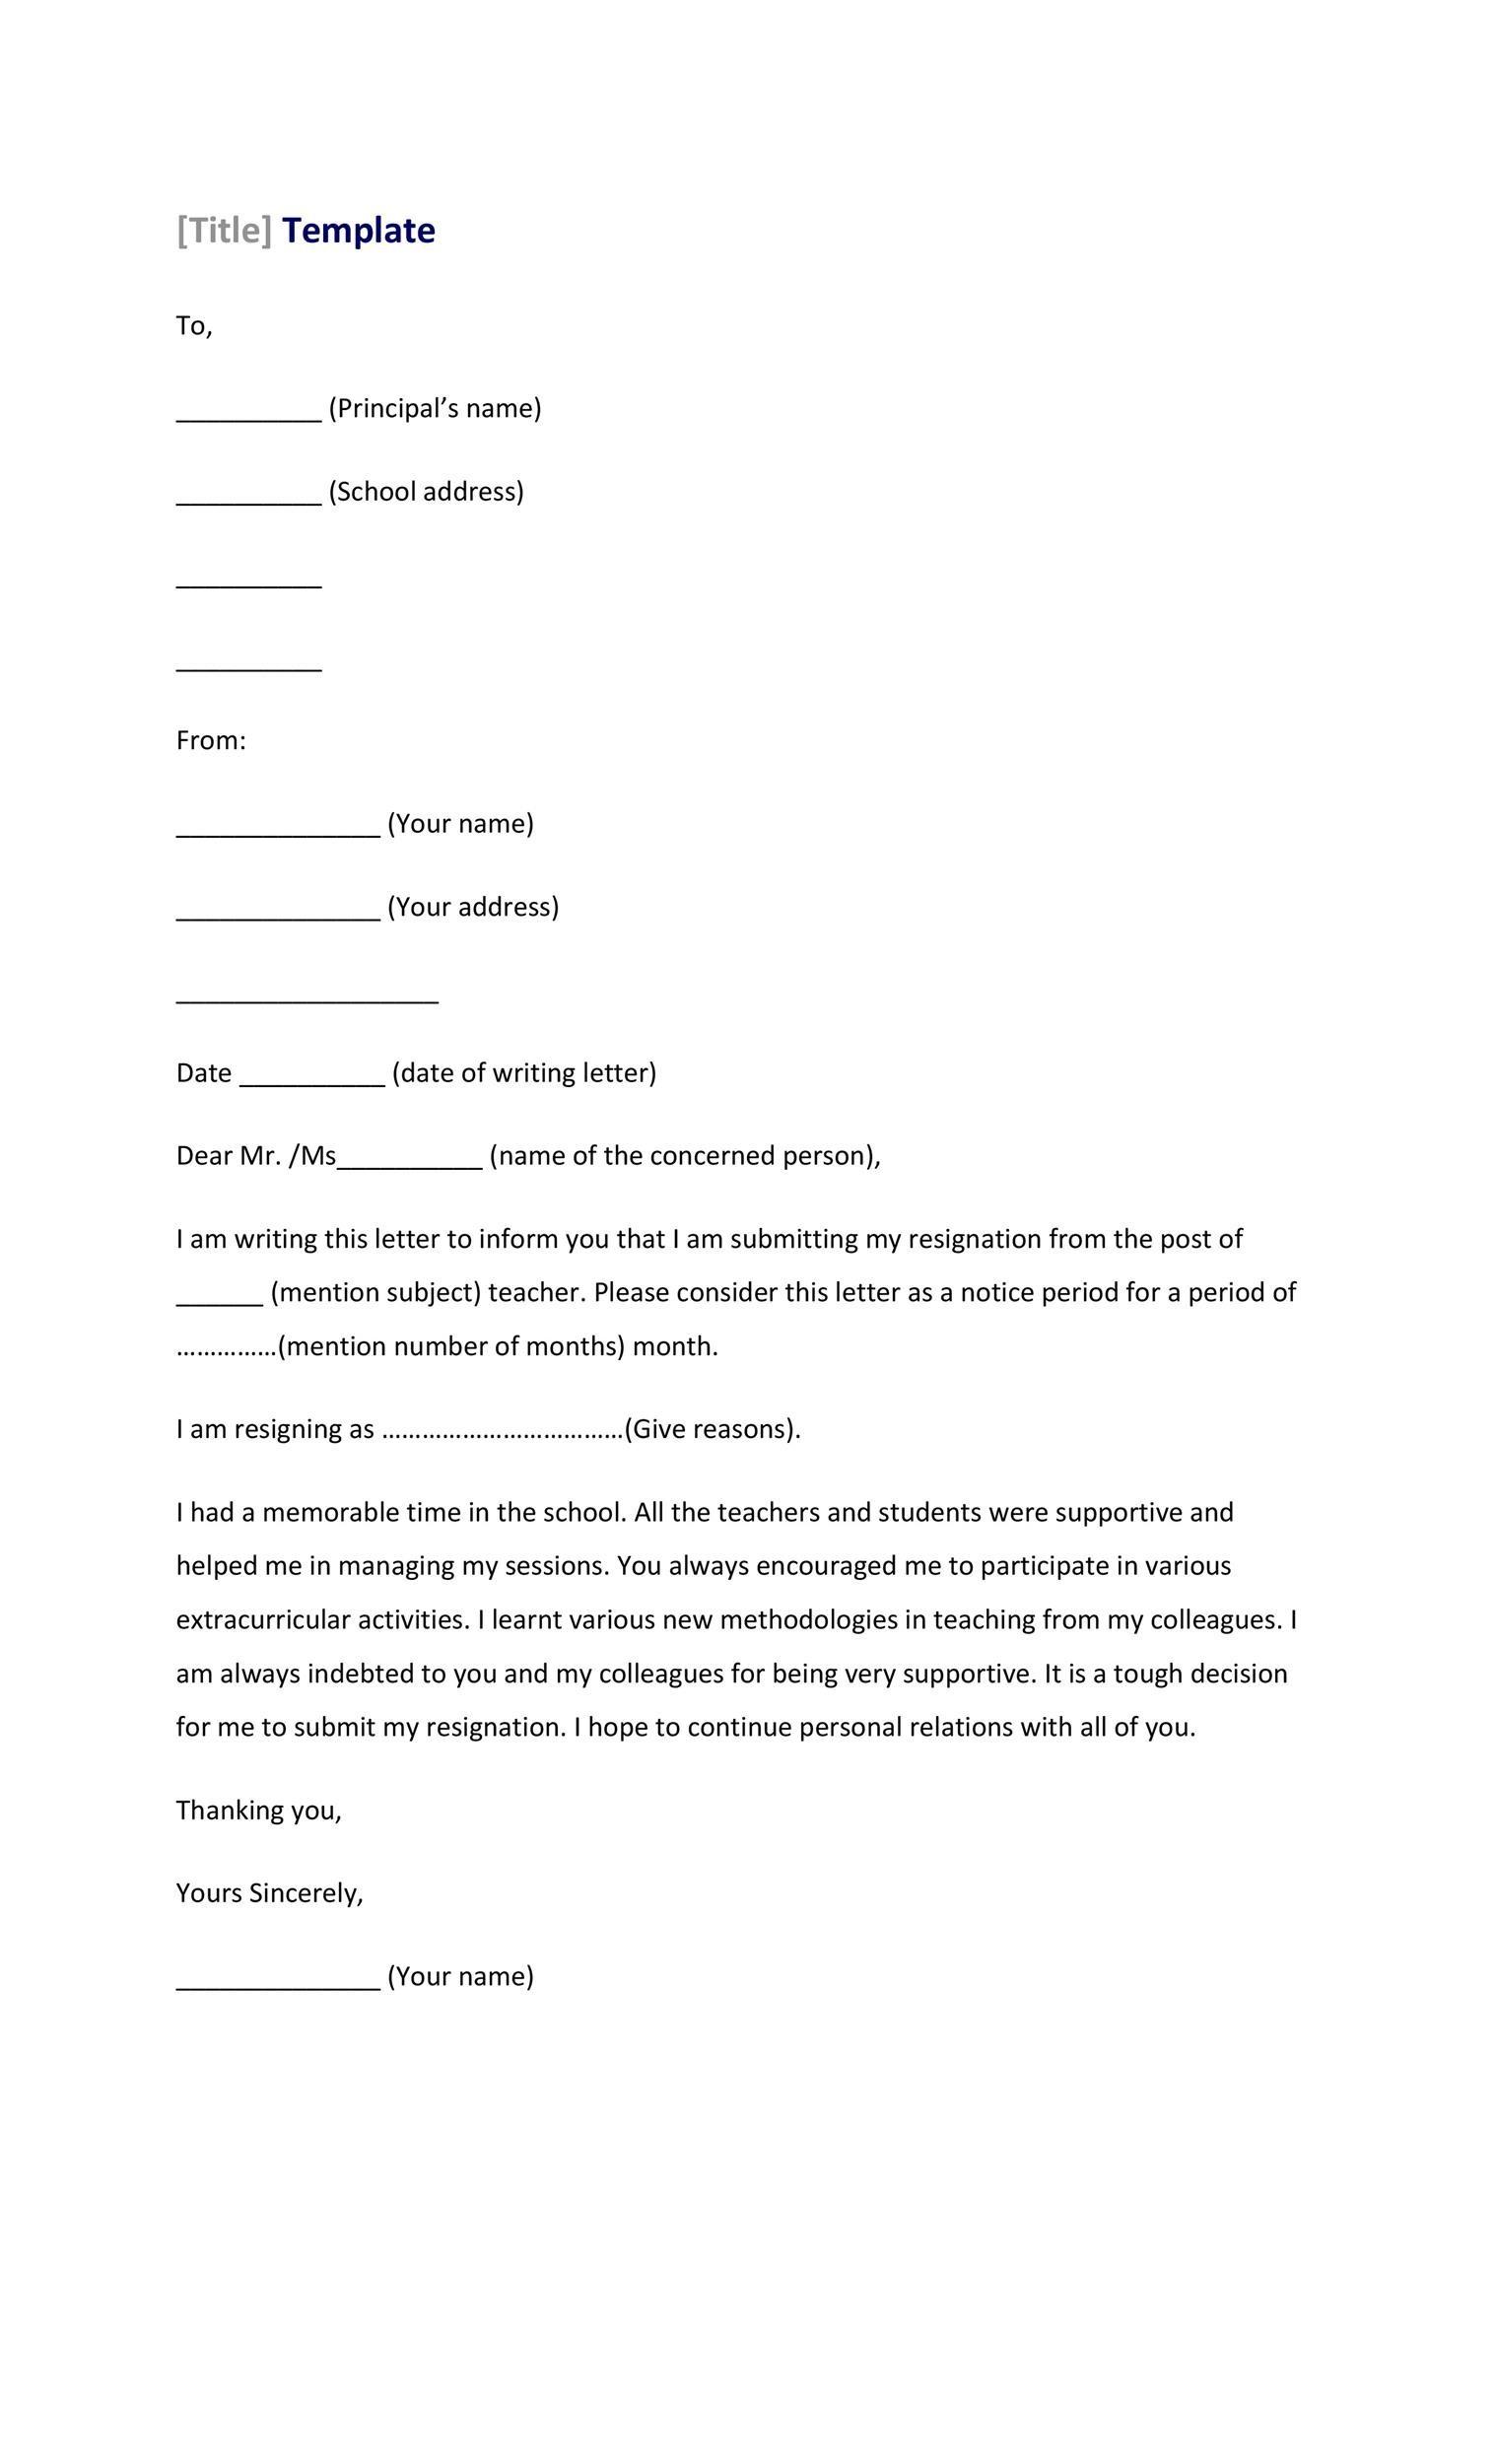 Free teacher resignation letter 06